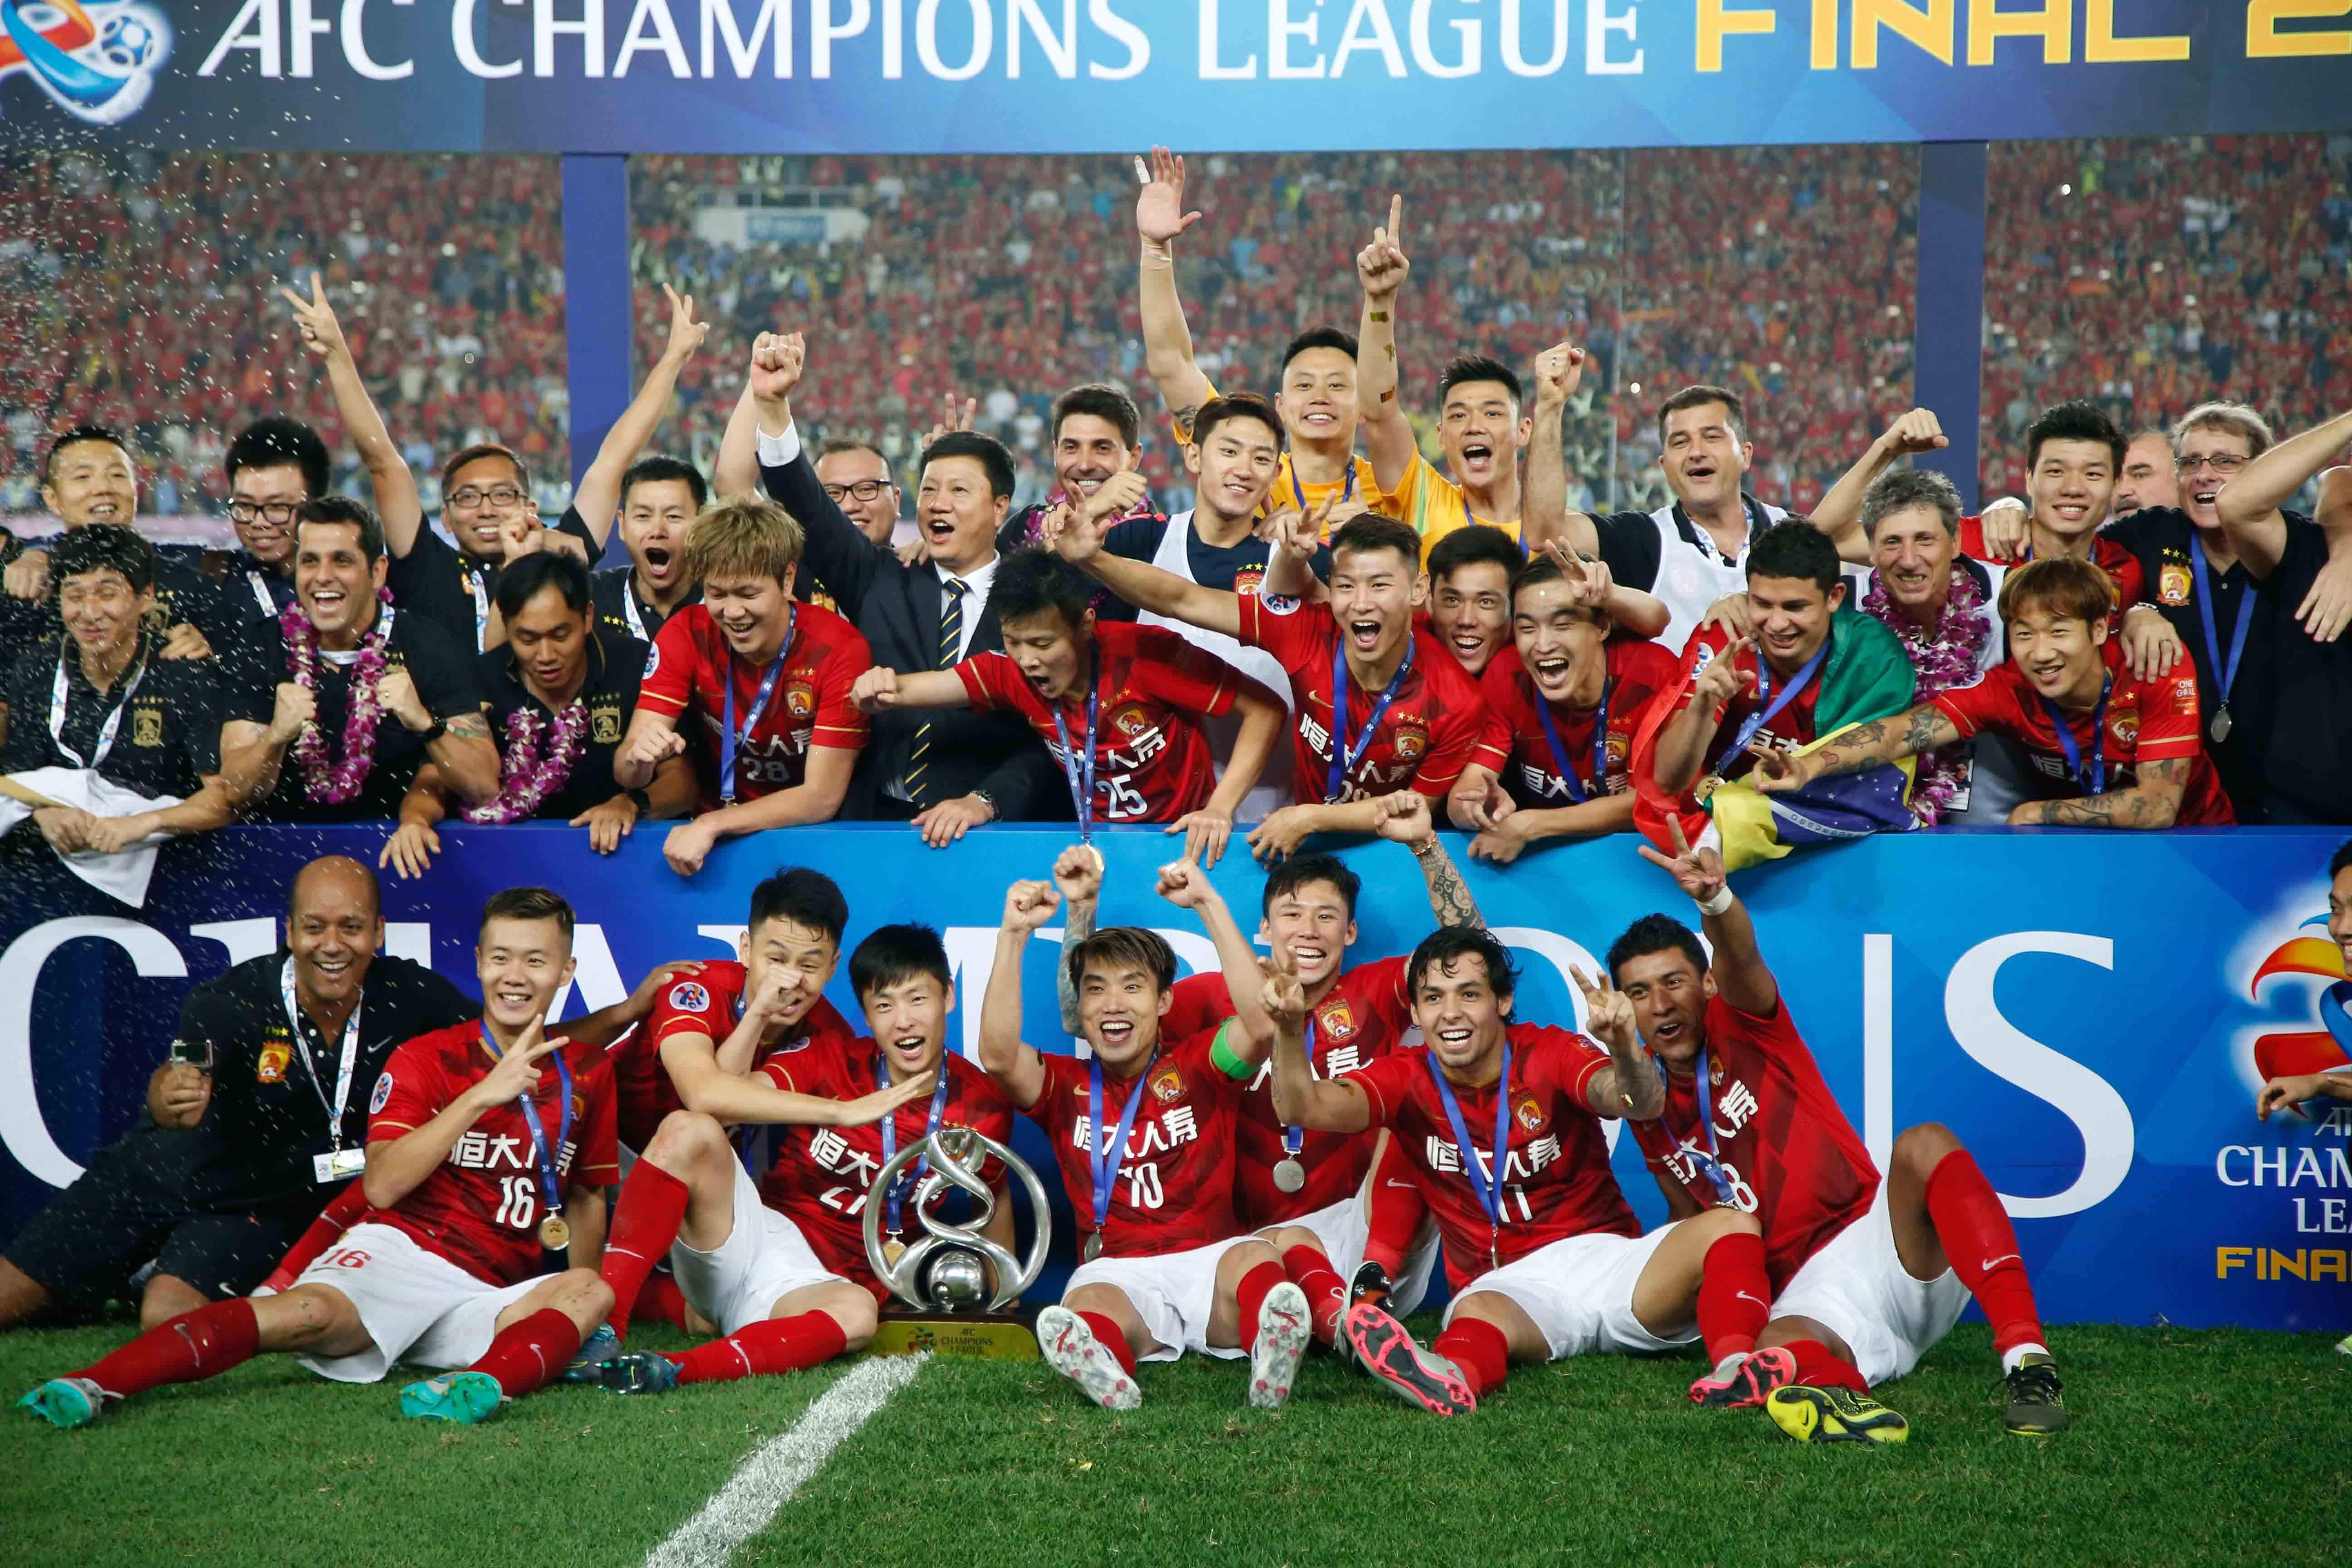 广州恒大建队10周年,这支俱乐部为中国足球带来了什么?